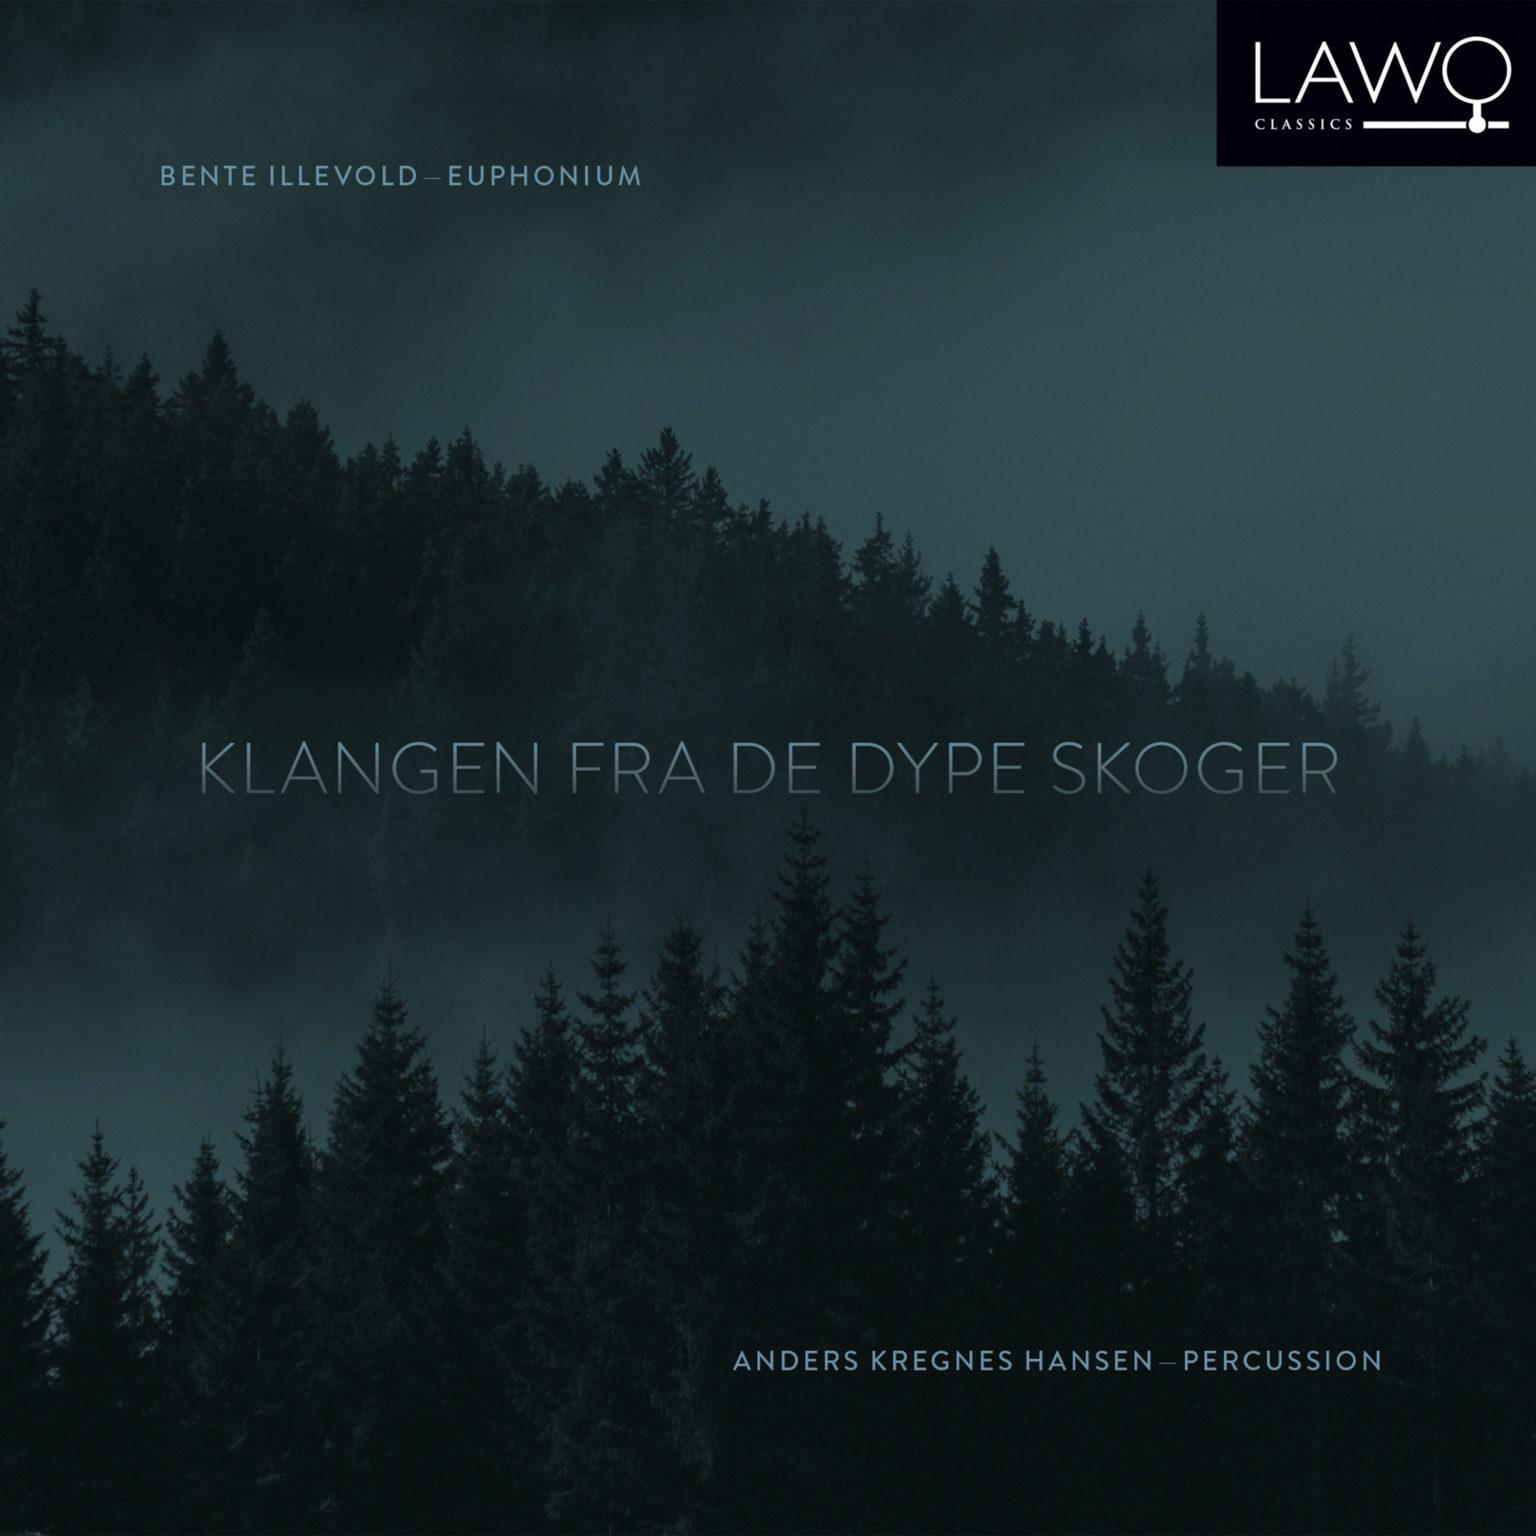 Click image for larger version.  Name:LWC1195_Bente_Illevold_Klangen_fra_de_dype_skoger_cover_3000x3000px-1536x1536.jpg Views:406 Size:174.8 KB ID:7720